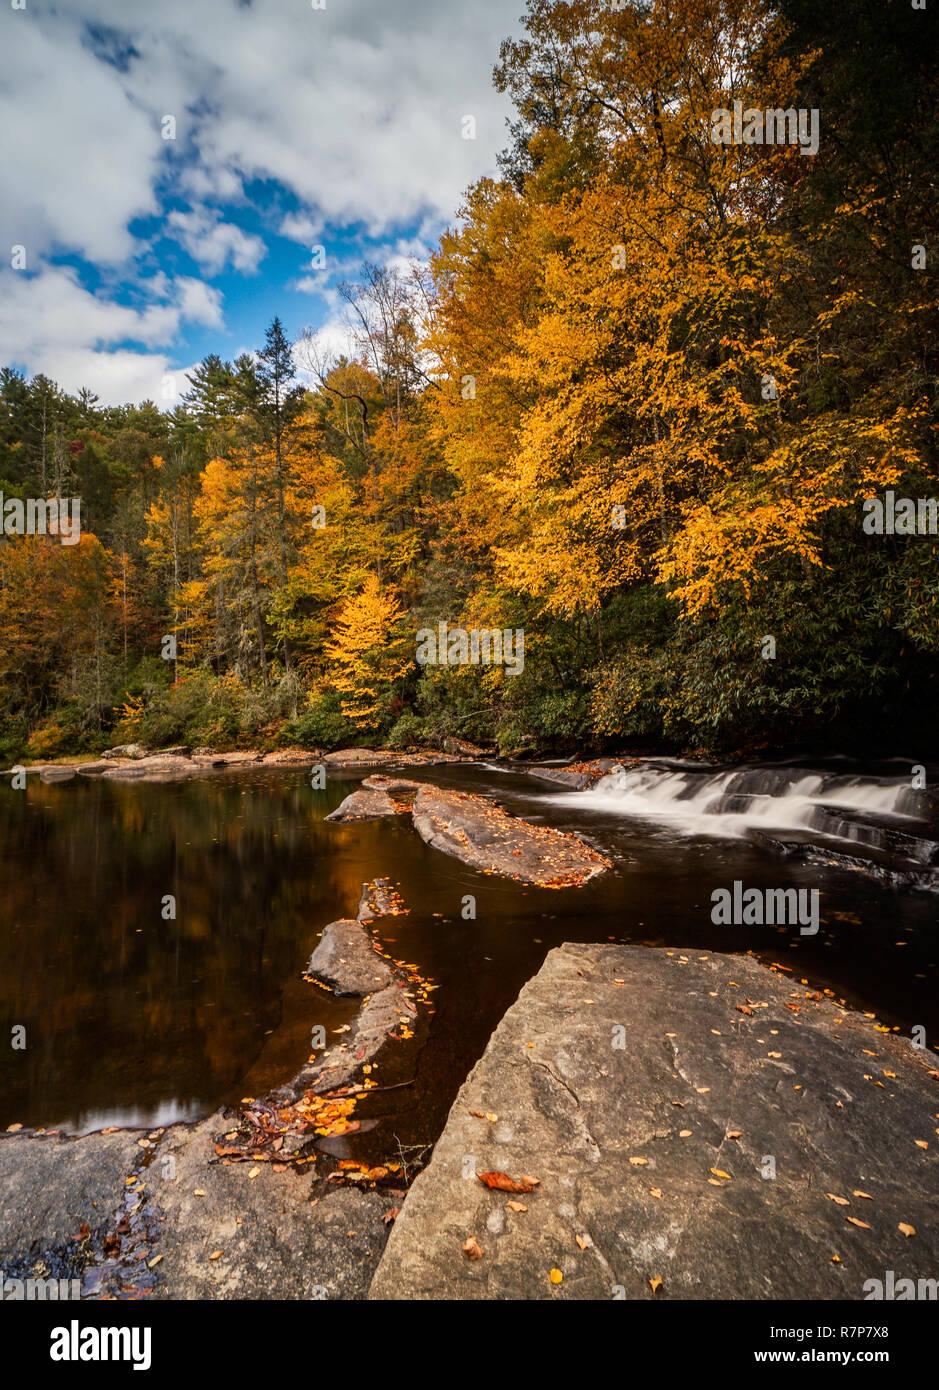 Automne feuillage coloré forêt et rivière paysage avec une petite cascade dans les Appalaches de Caroline du Nord près de chutes en Triple DuPont State Forest Banque D'Images